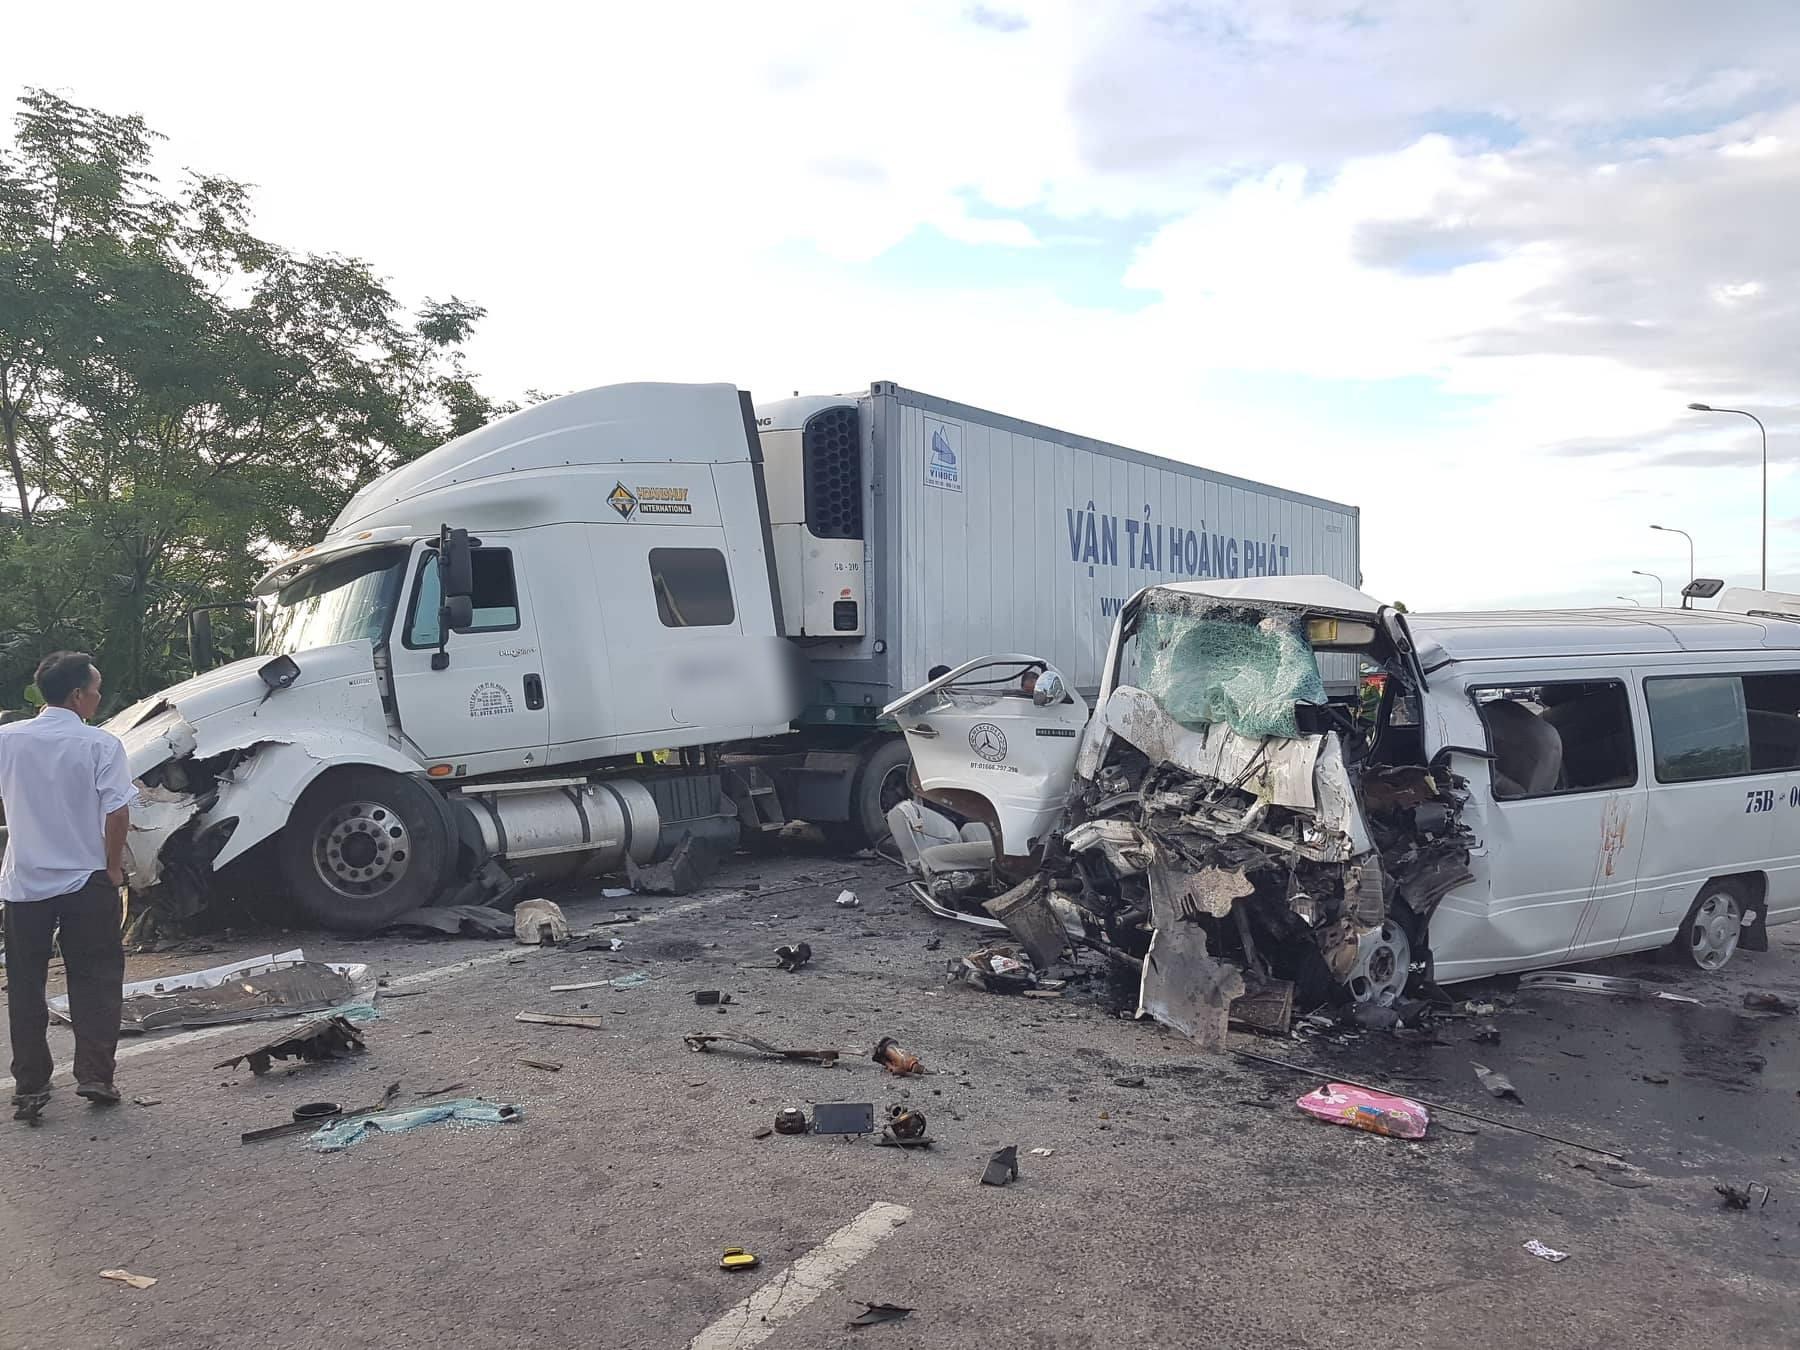 Ảnh: Hiện trường vụ xe rước dâu gặp tai nạn thảm khốc khiến chú rể và 12 người tử vong - Ảnh 1.